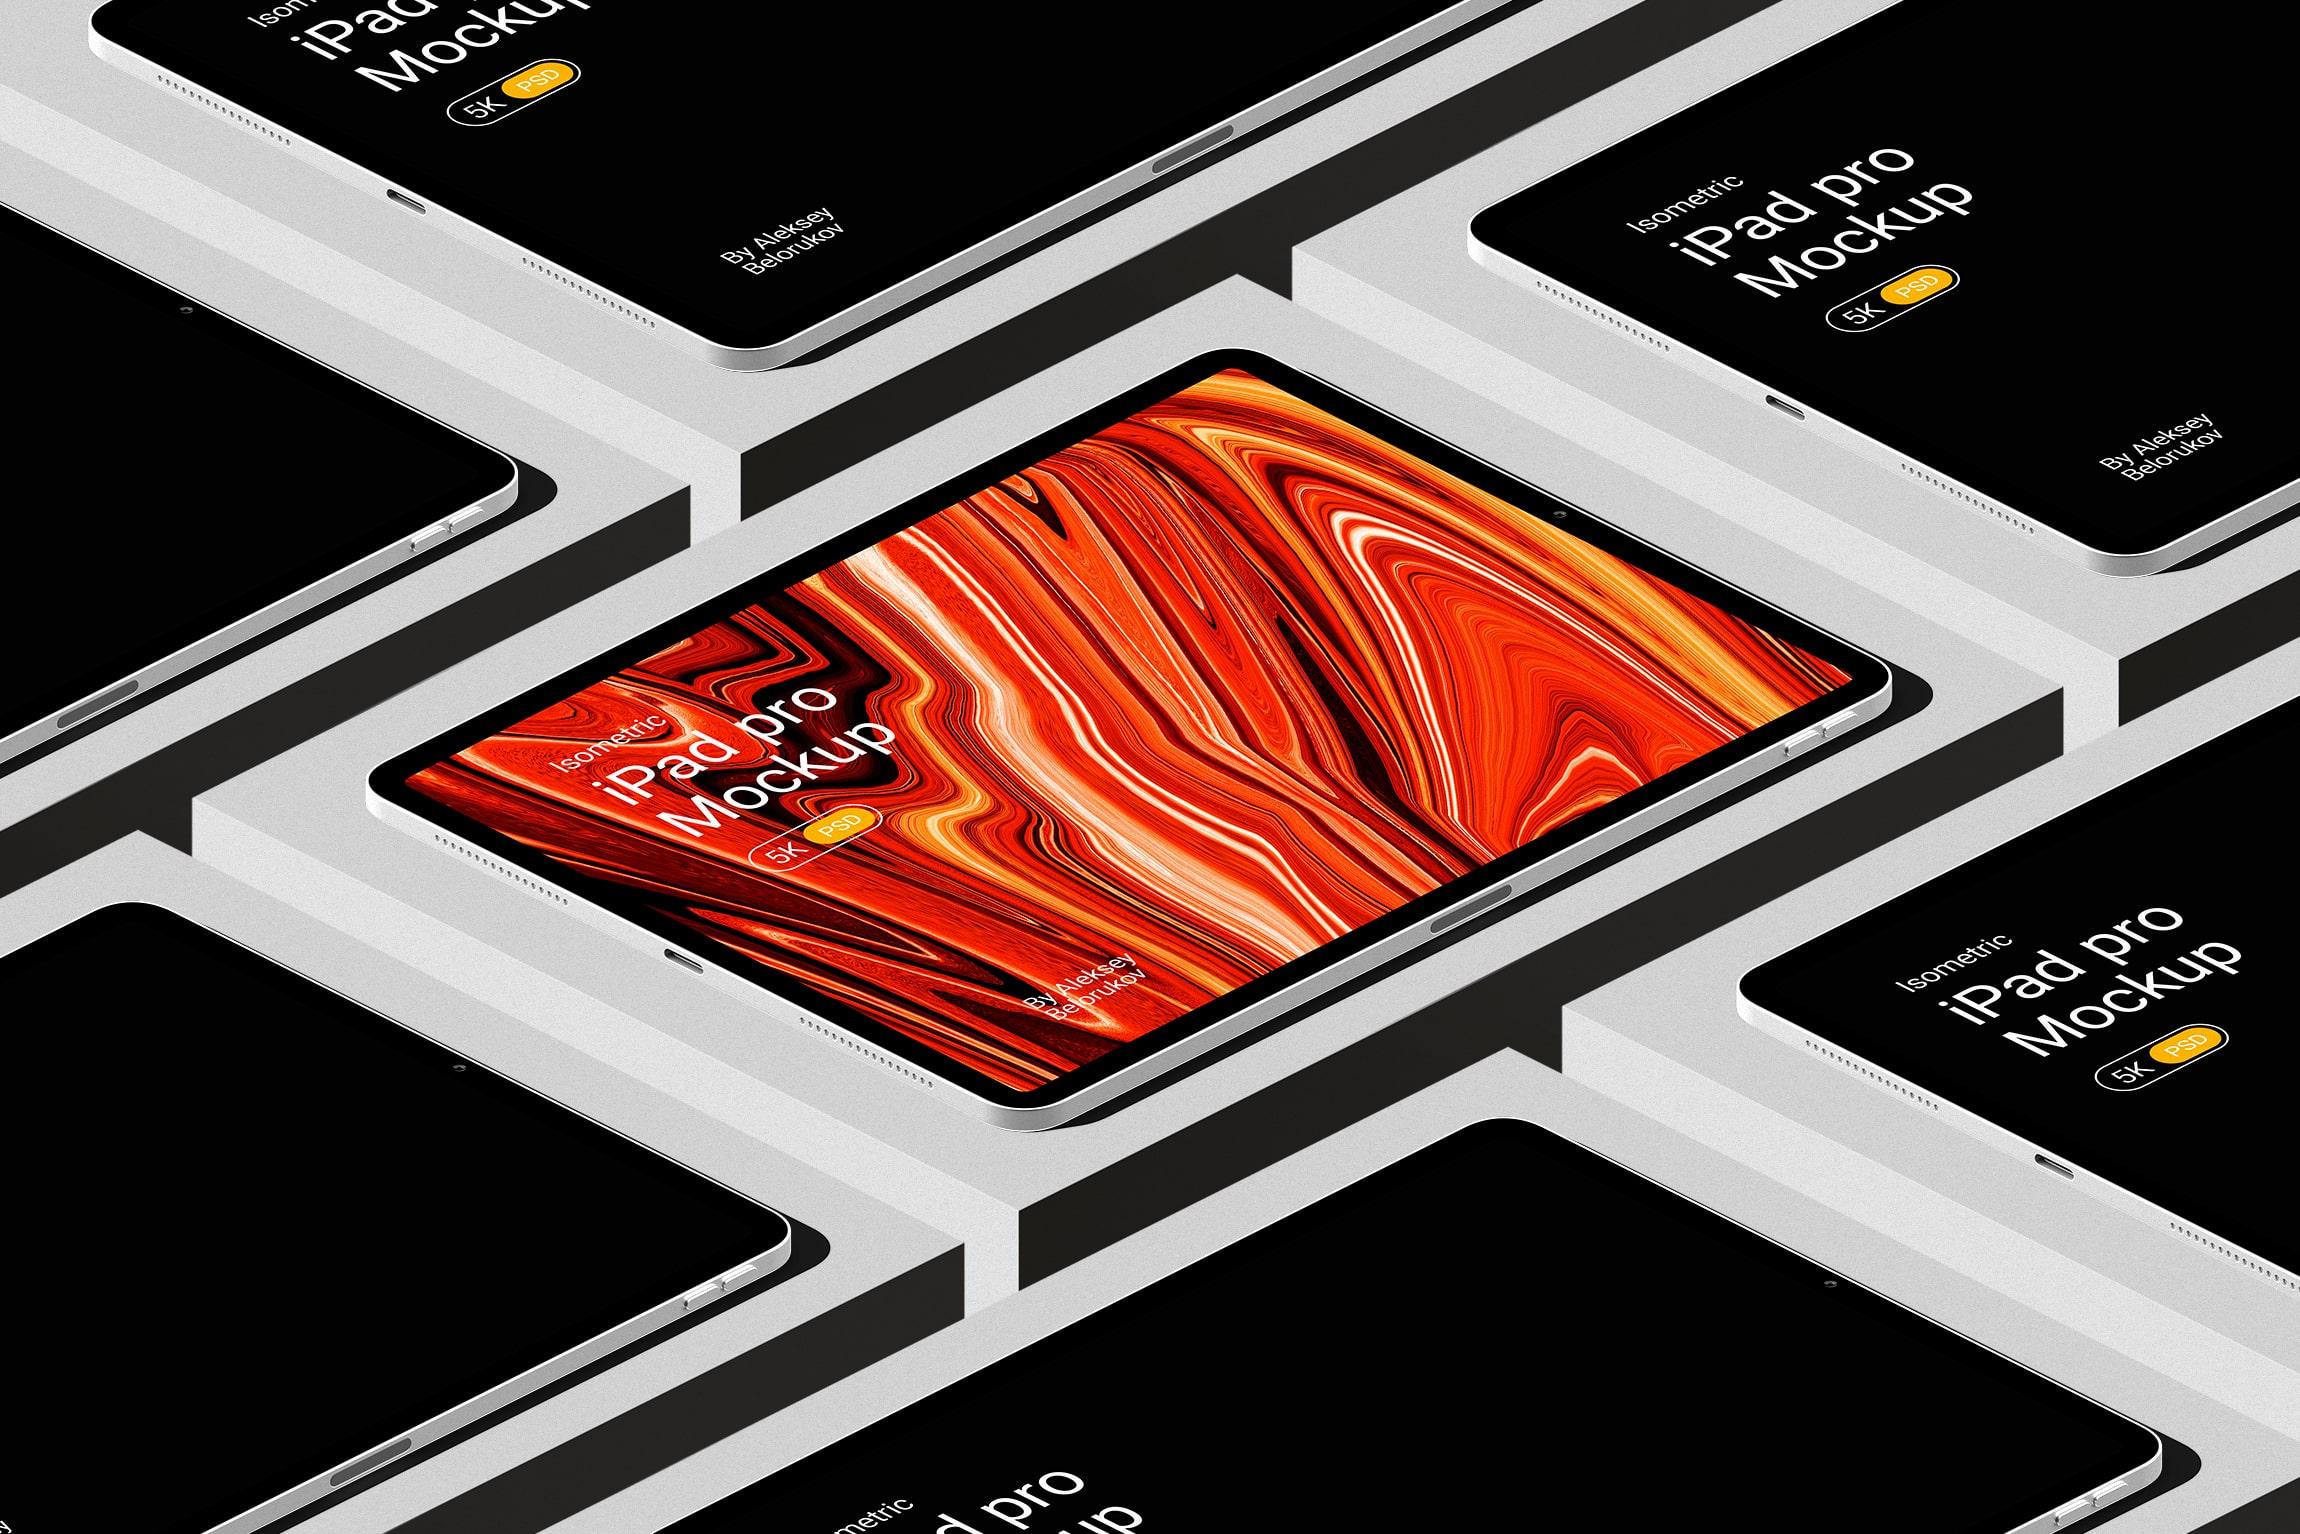 [单独购买] 16款时尚等距APP界面设计苹果设备屏幕演示场景样机模板套装 Device Pack Mockups – Isometric插图9